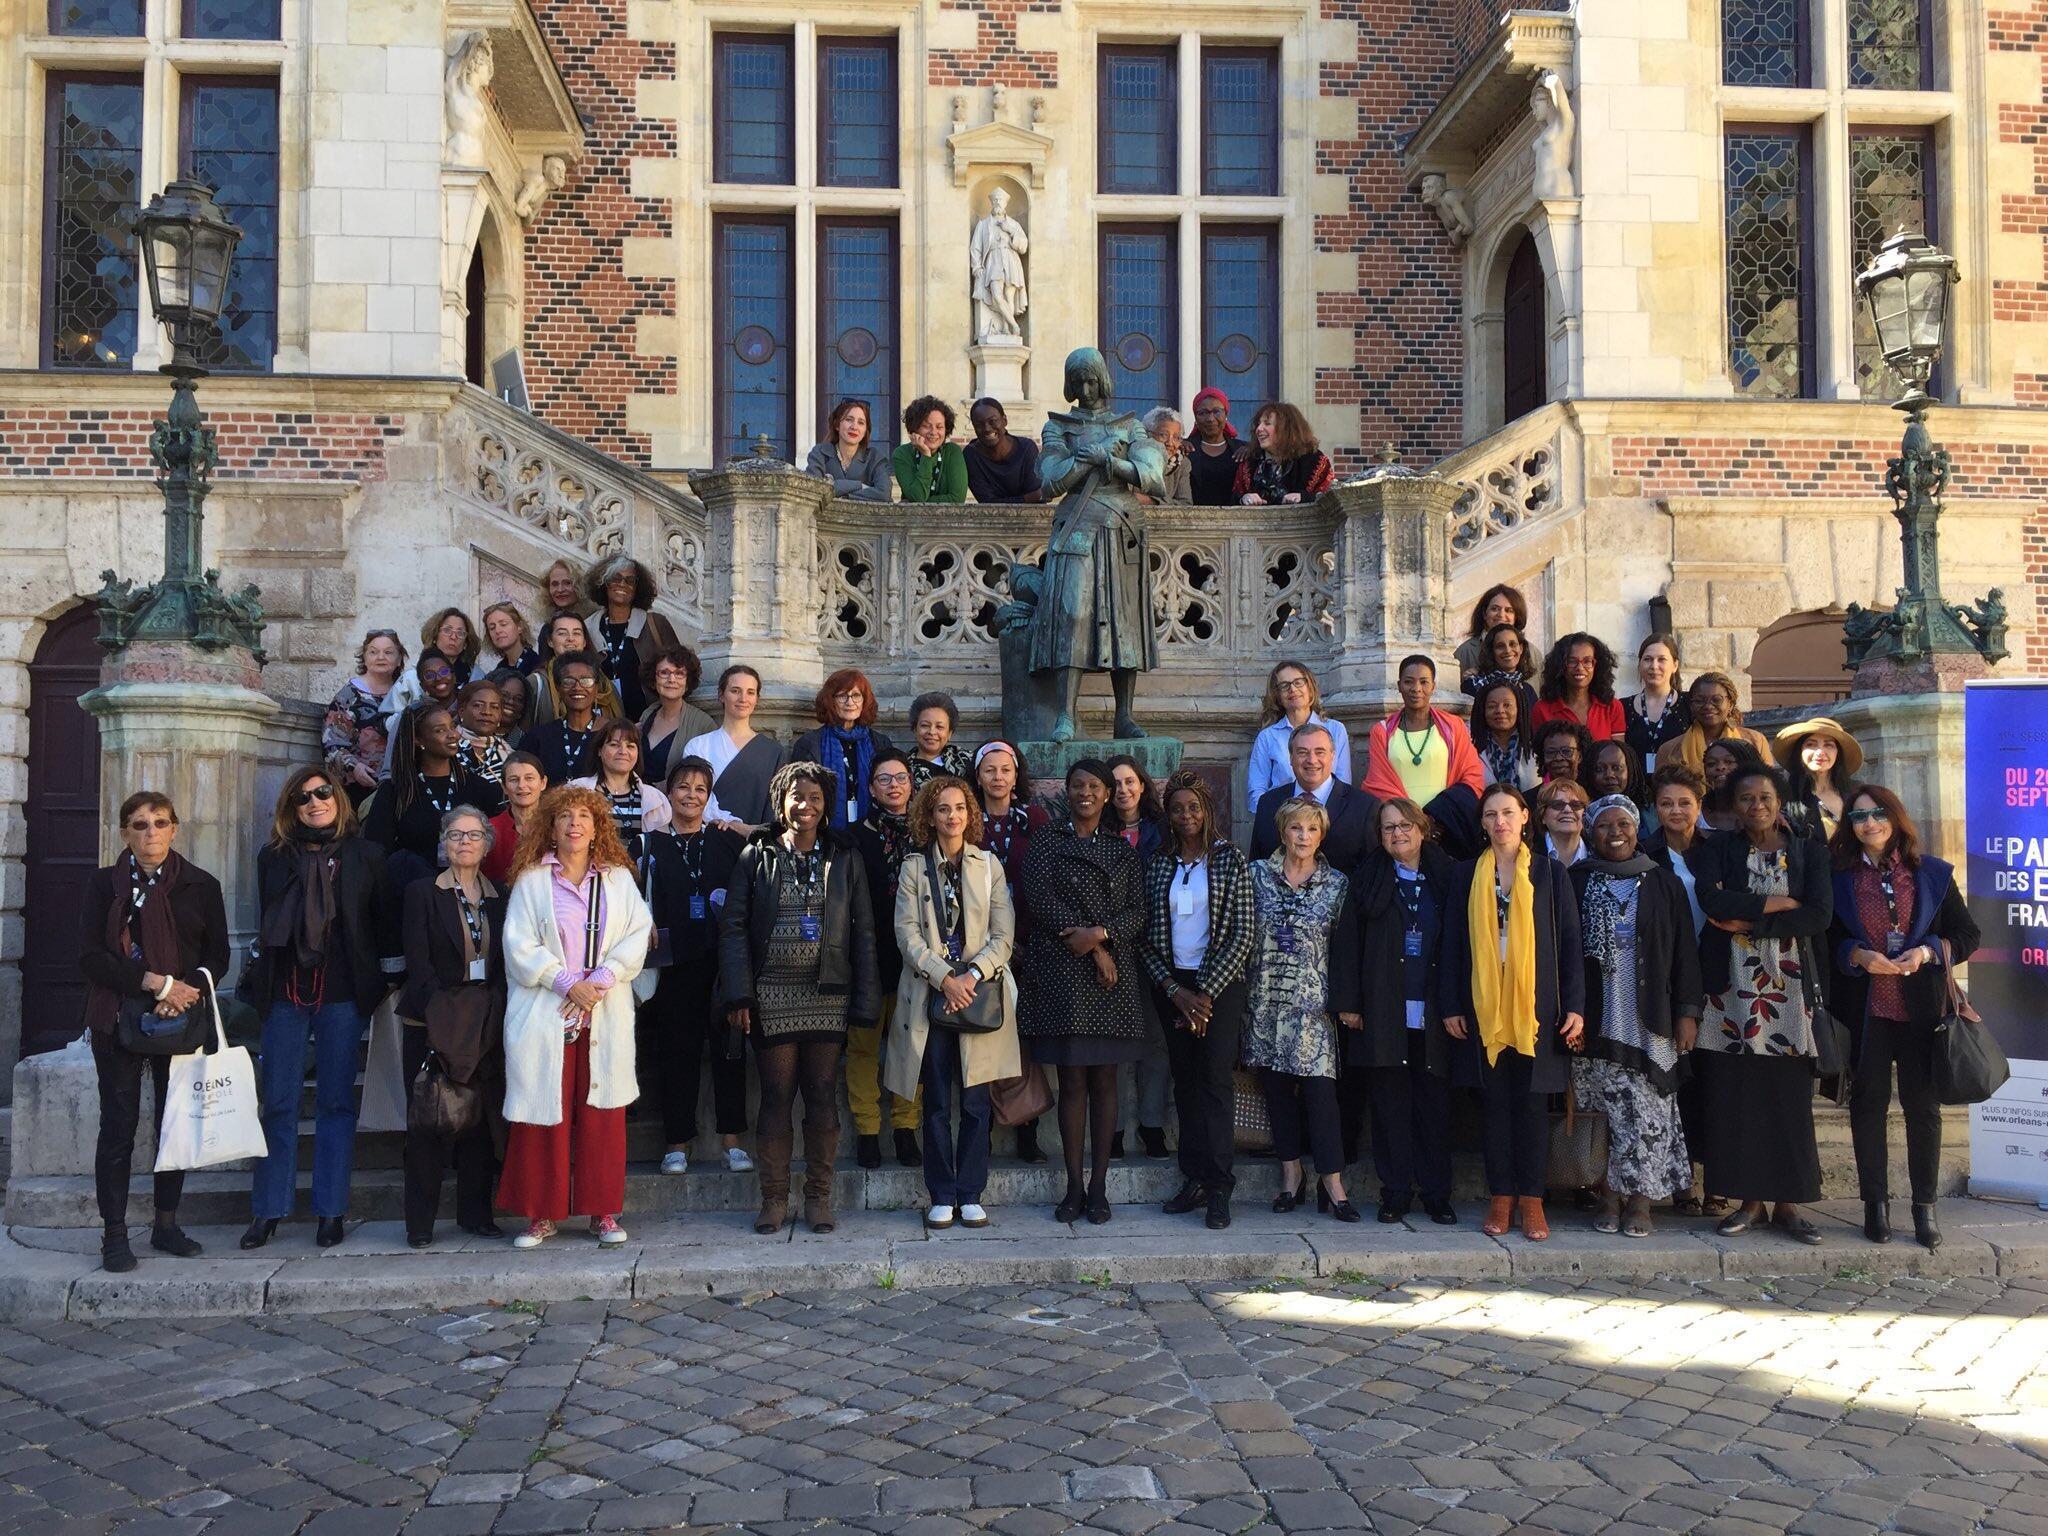 اولین پارلمان نویسندگان زن فرانسویزبان در شهر اورلئان